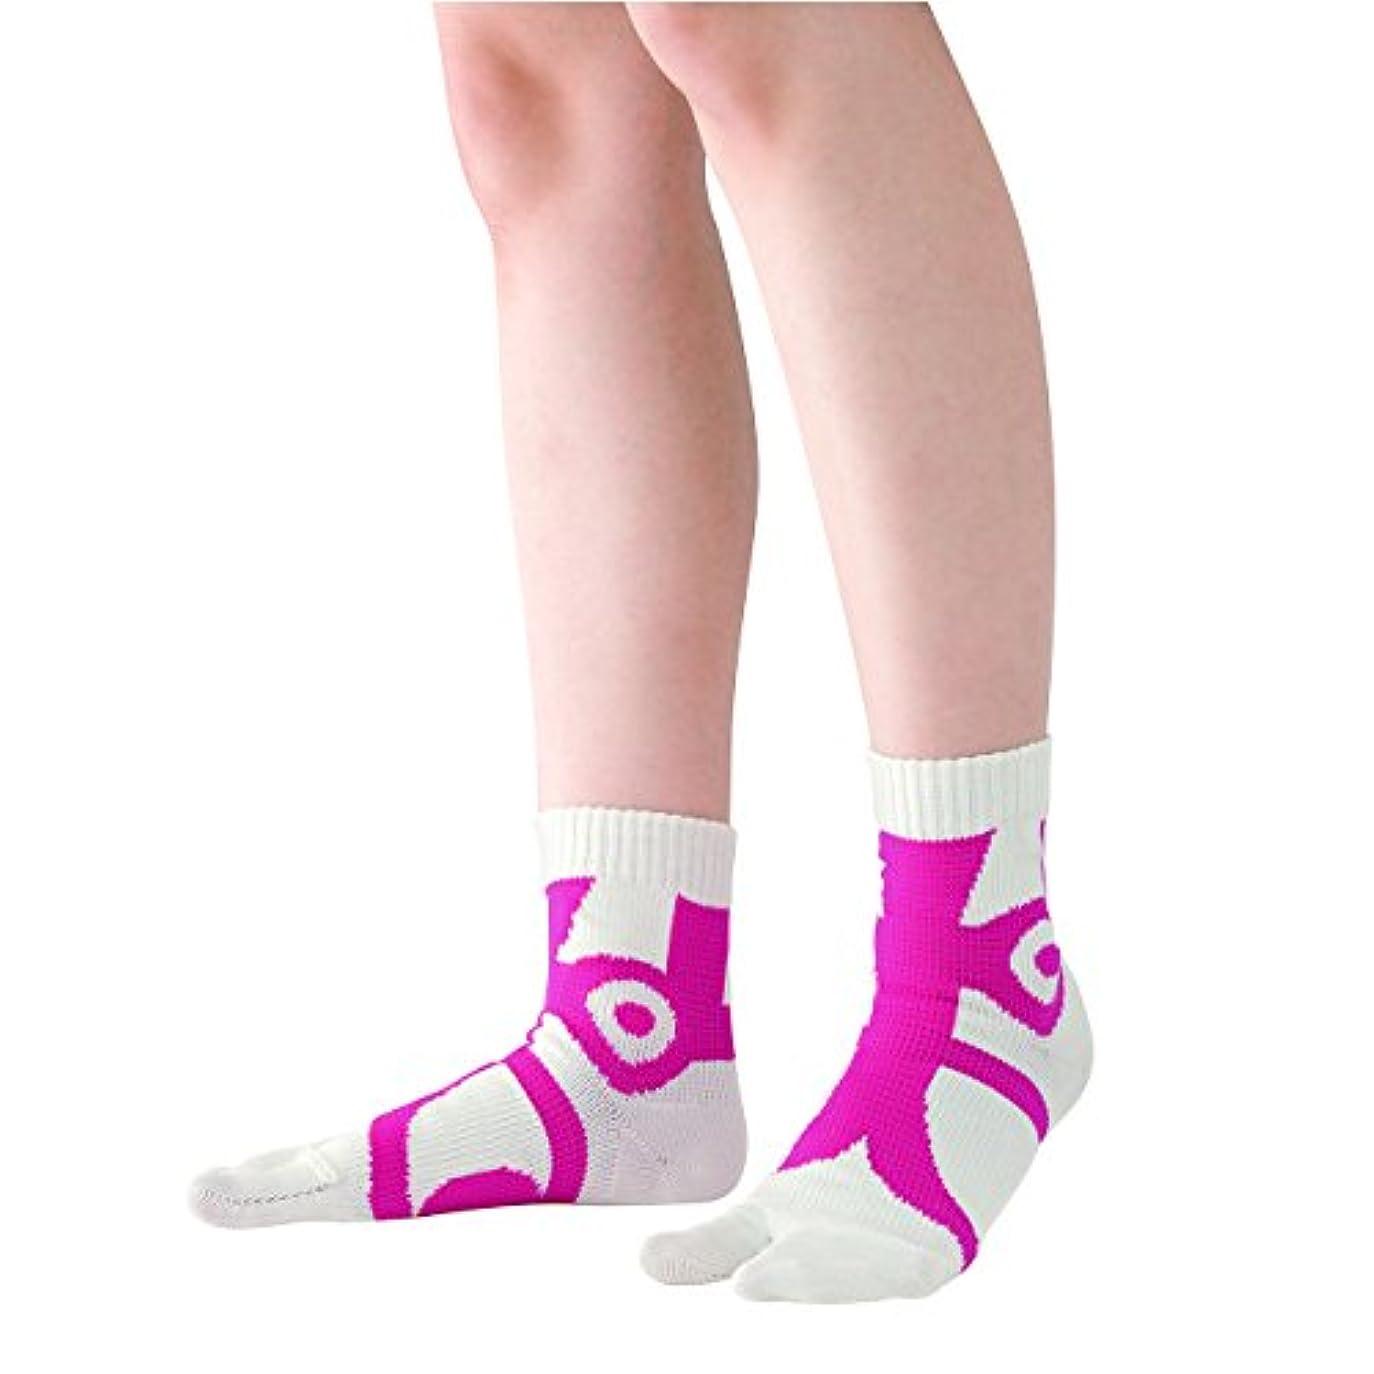 予言する食べる明るい快歩テーピング靴下 ホワイト×ピンク